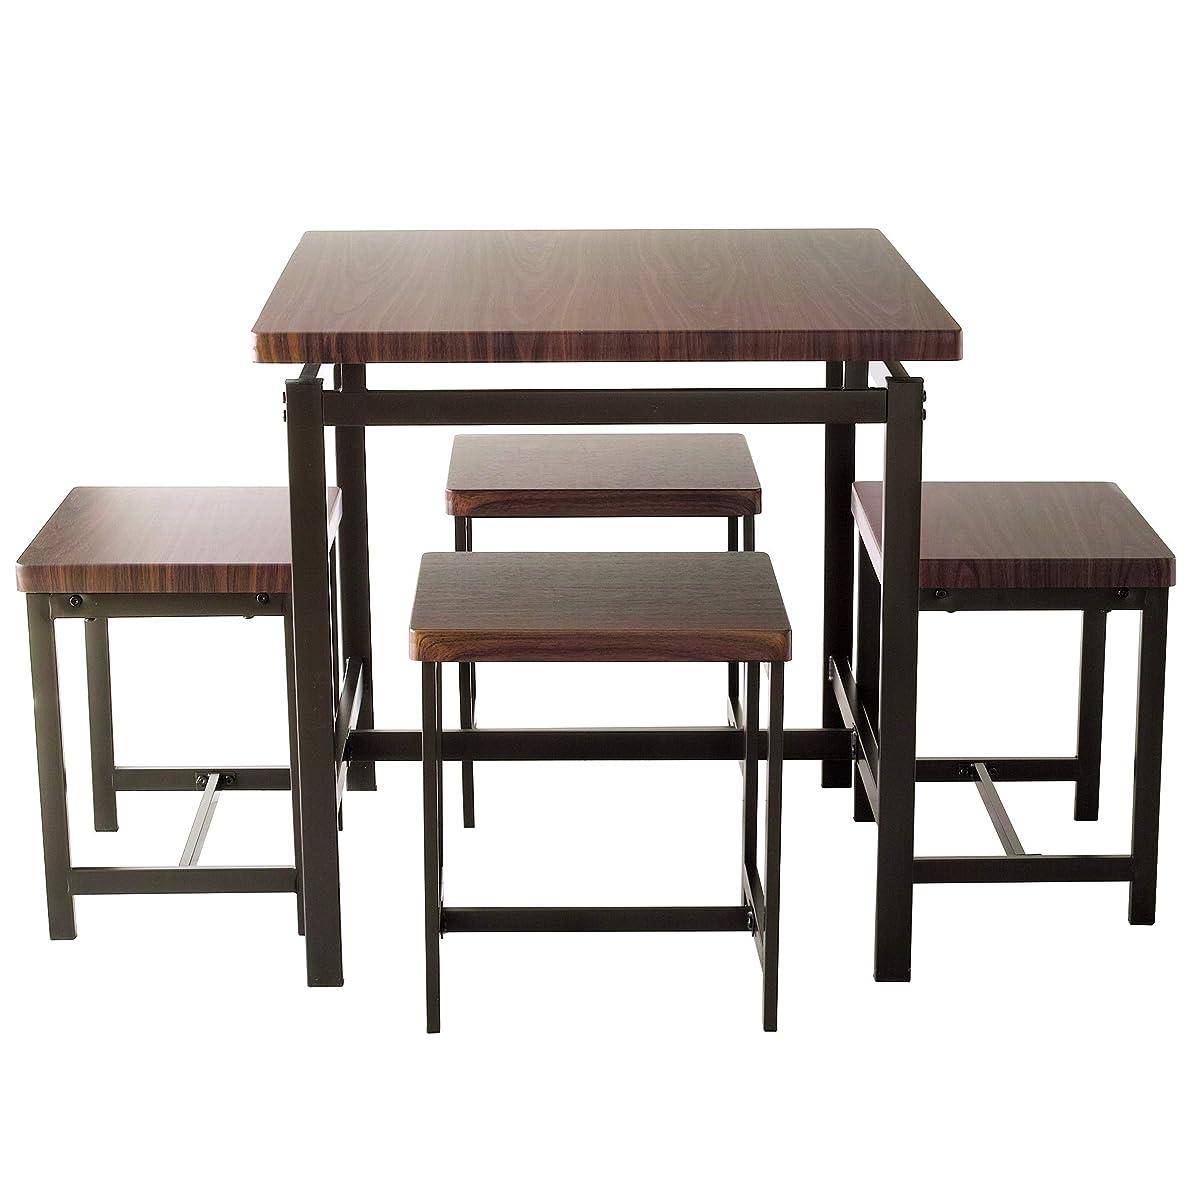 """アイアンフレーム ダイニングテーブル & チェア """"GRAIN(グレイン)"""" ウォールナット 5点セット 幅75cm(ダークブラウン )鉄脚"""